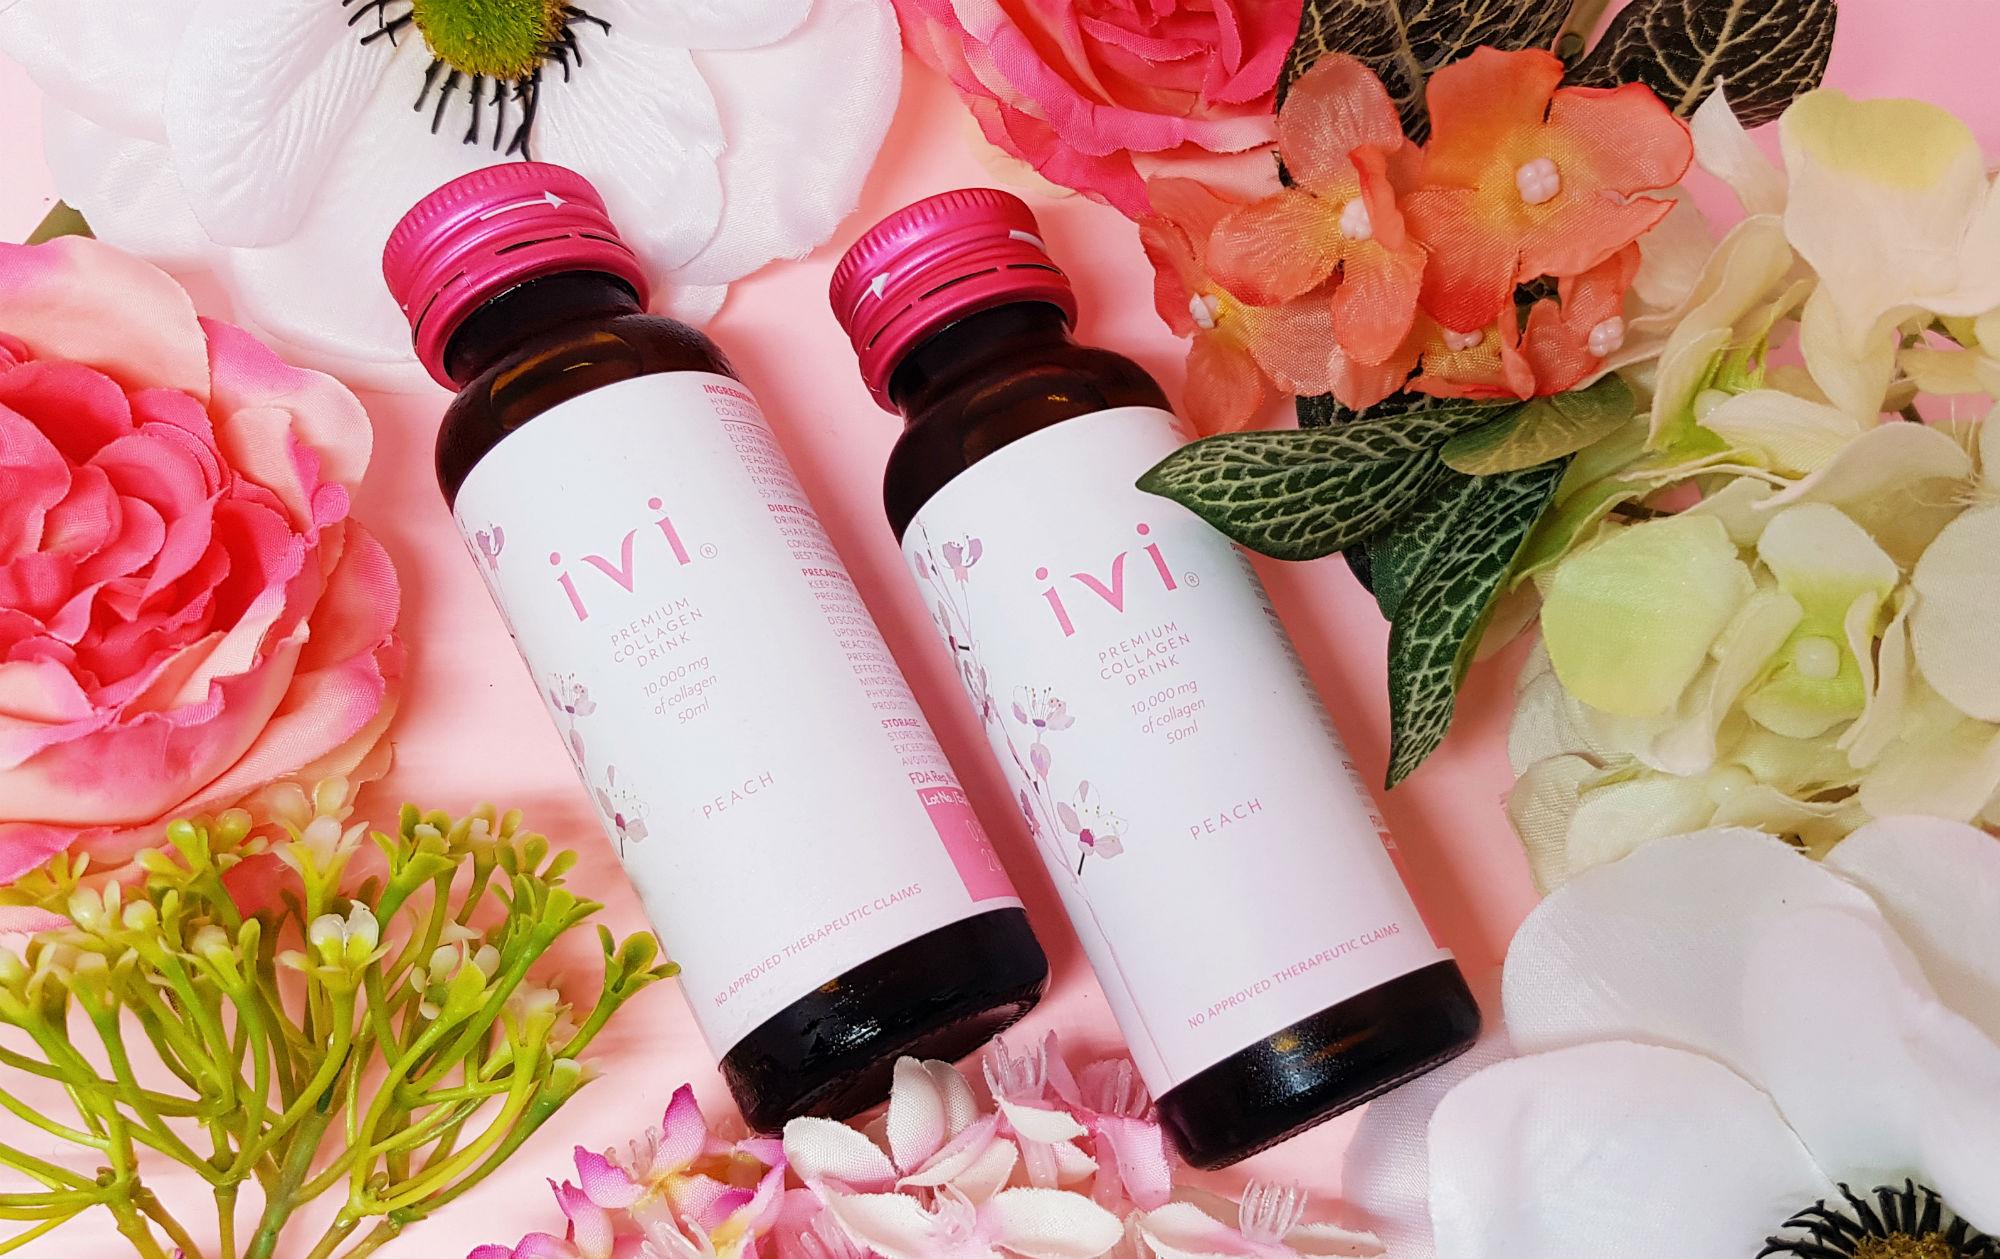 ivi Collagen Premium Drink Review - Style Vanity